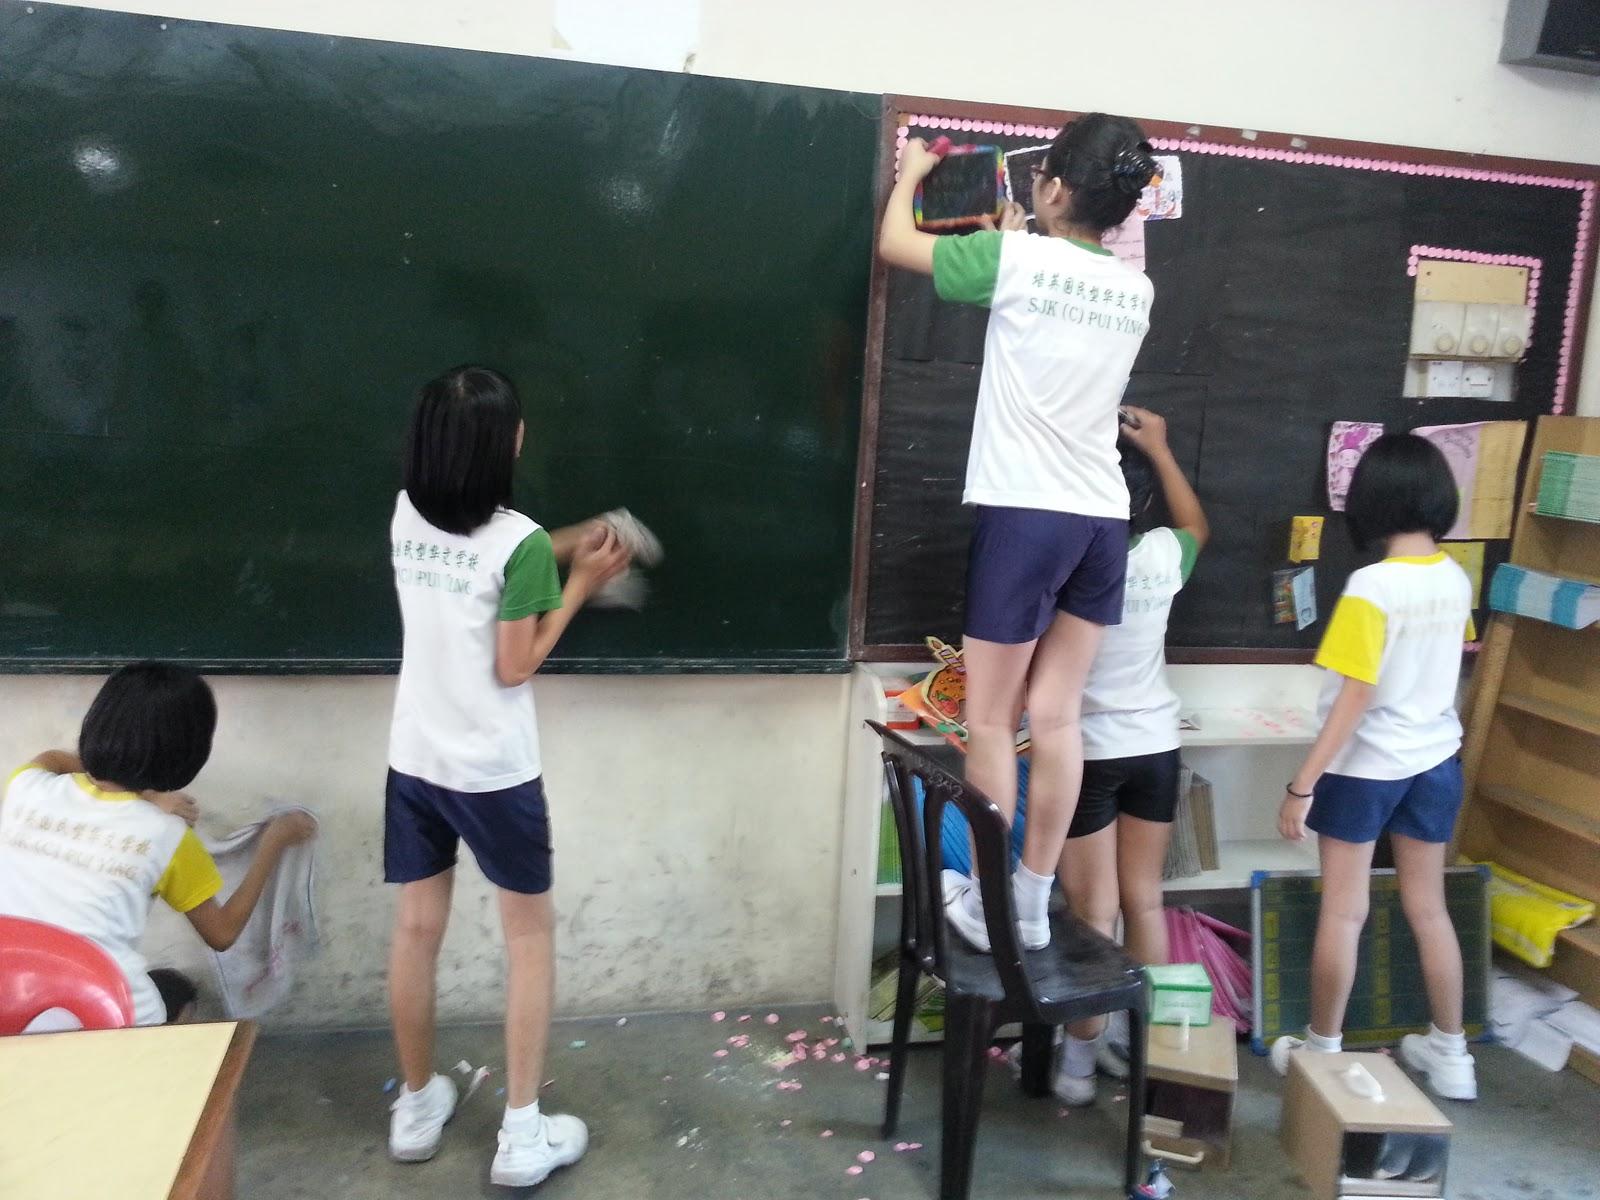 Murid-murid kelas 5K bekerjasama membersihkankelas.